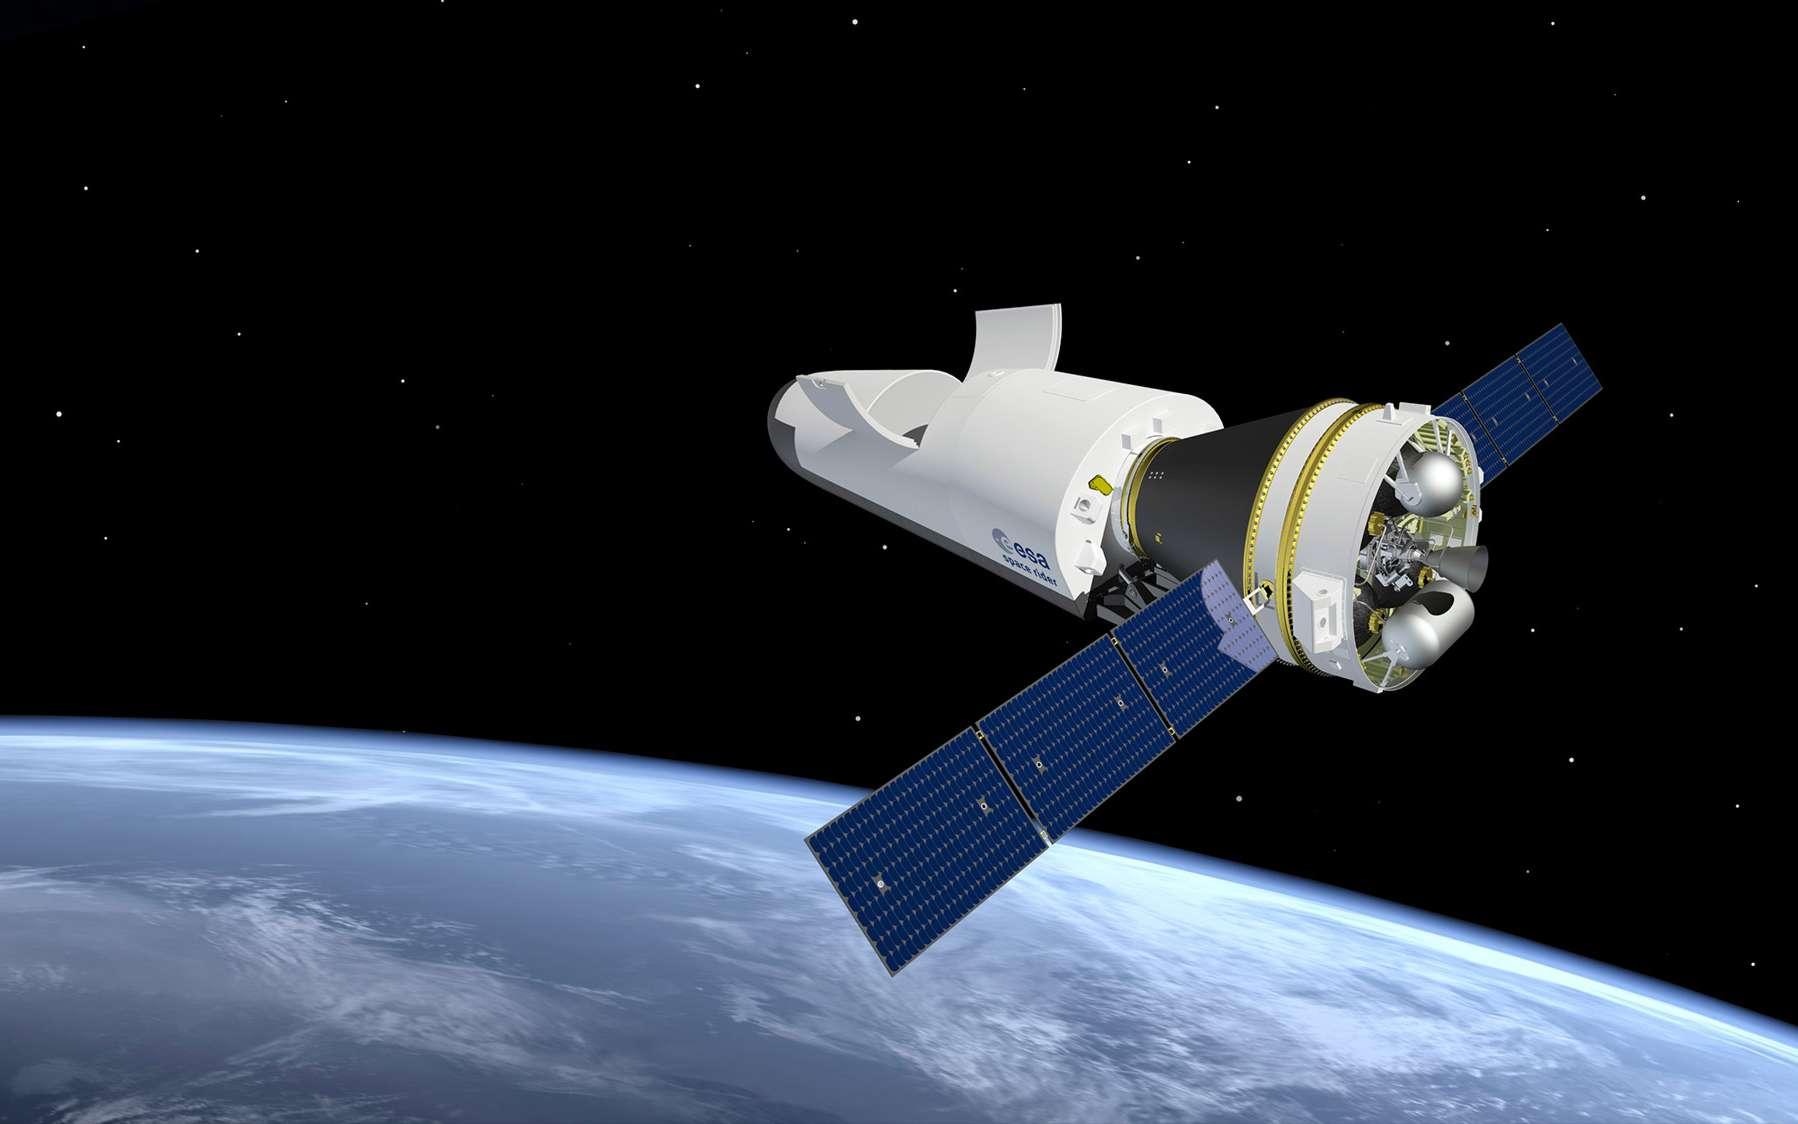 Le Space Rider est présenté comme un avion spatial inédit. C'est le projet de corps portant qu'étudient l'Agence spatiale européenne (ESA), Thales Alenia Space et ELV SpA pour succéder à l'IXV à l'horizon 2021. © J. Huart, ESA